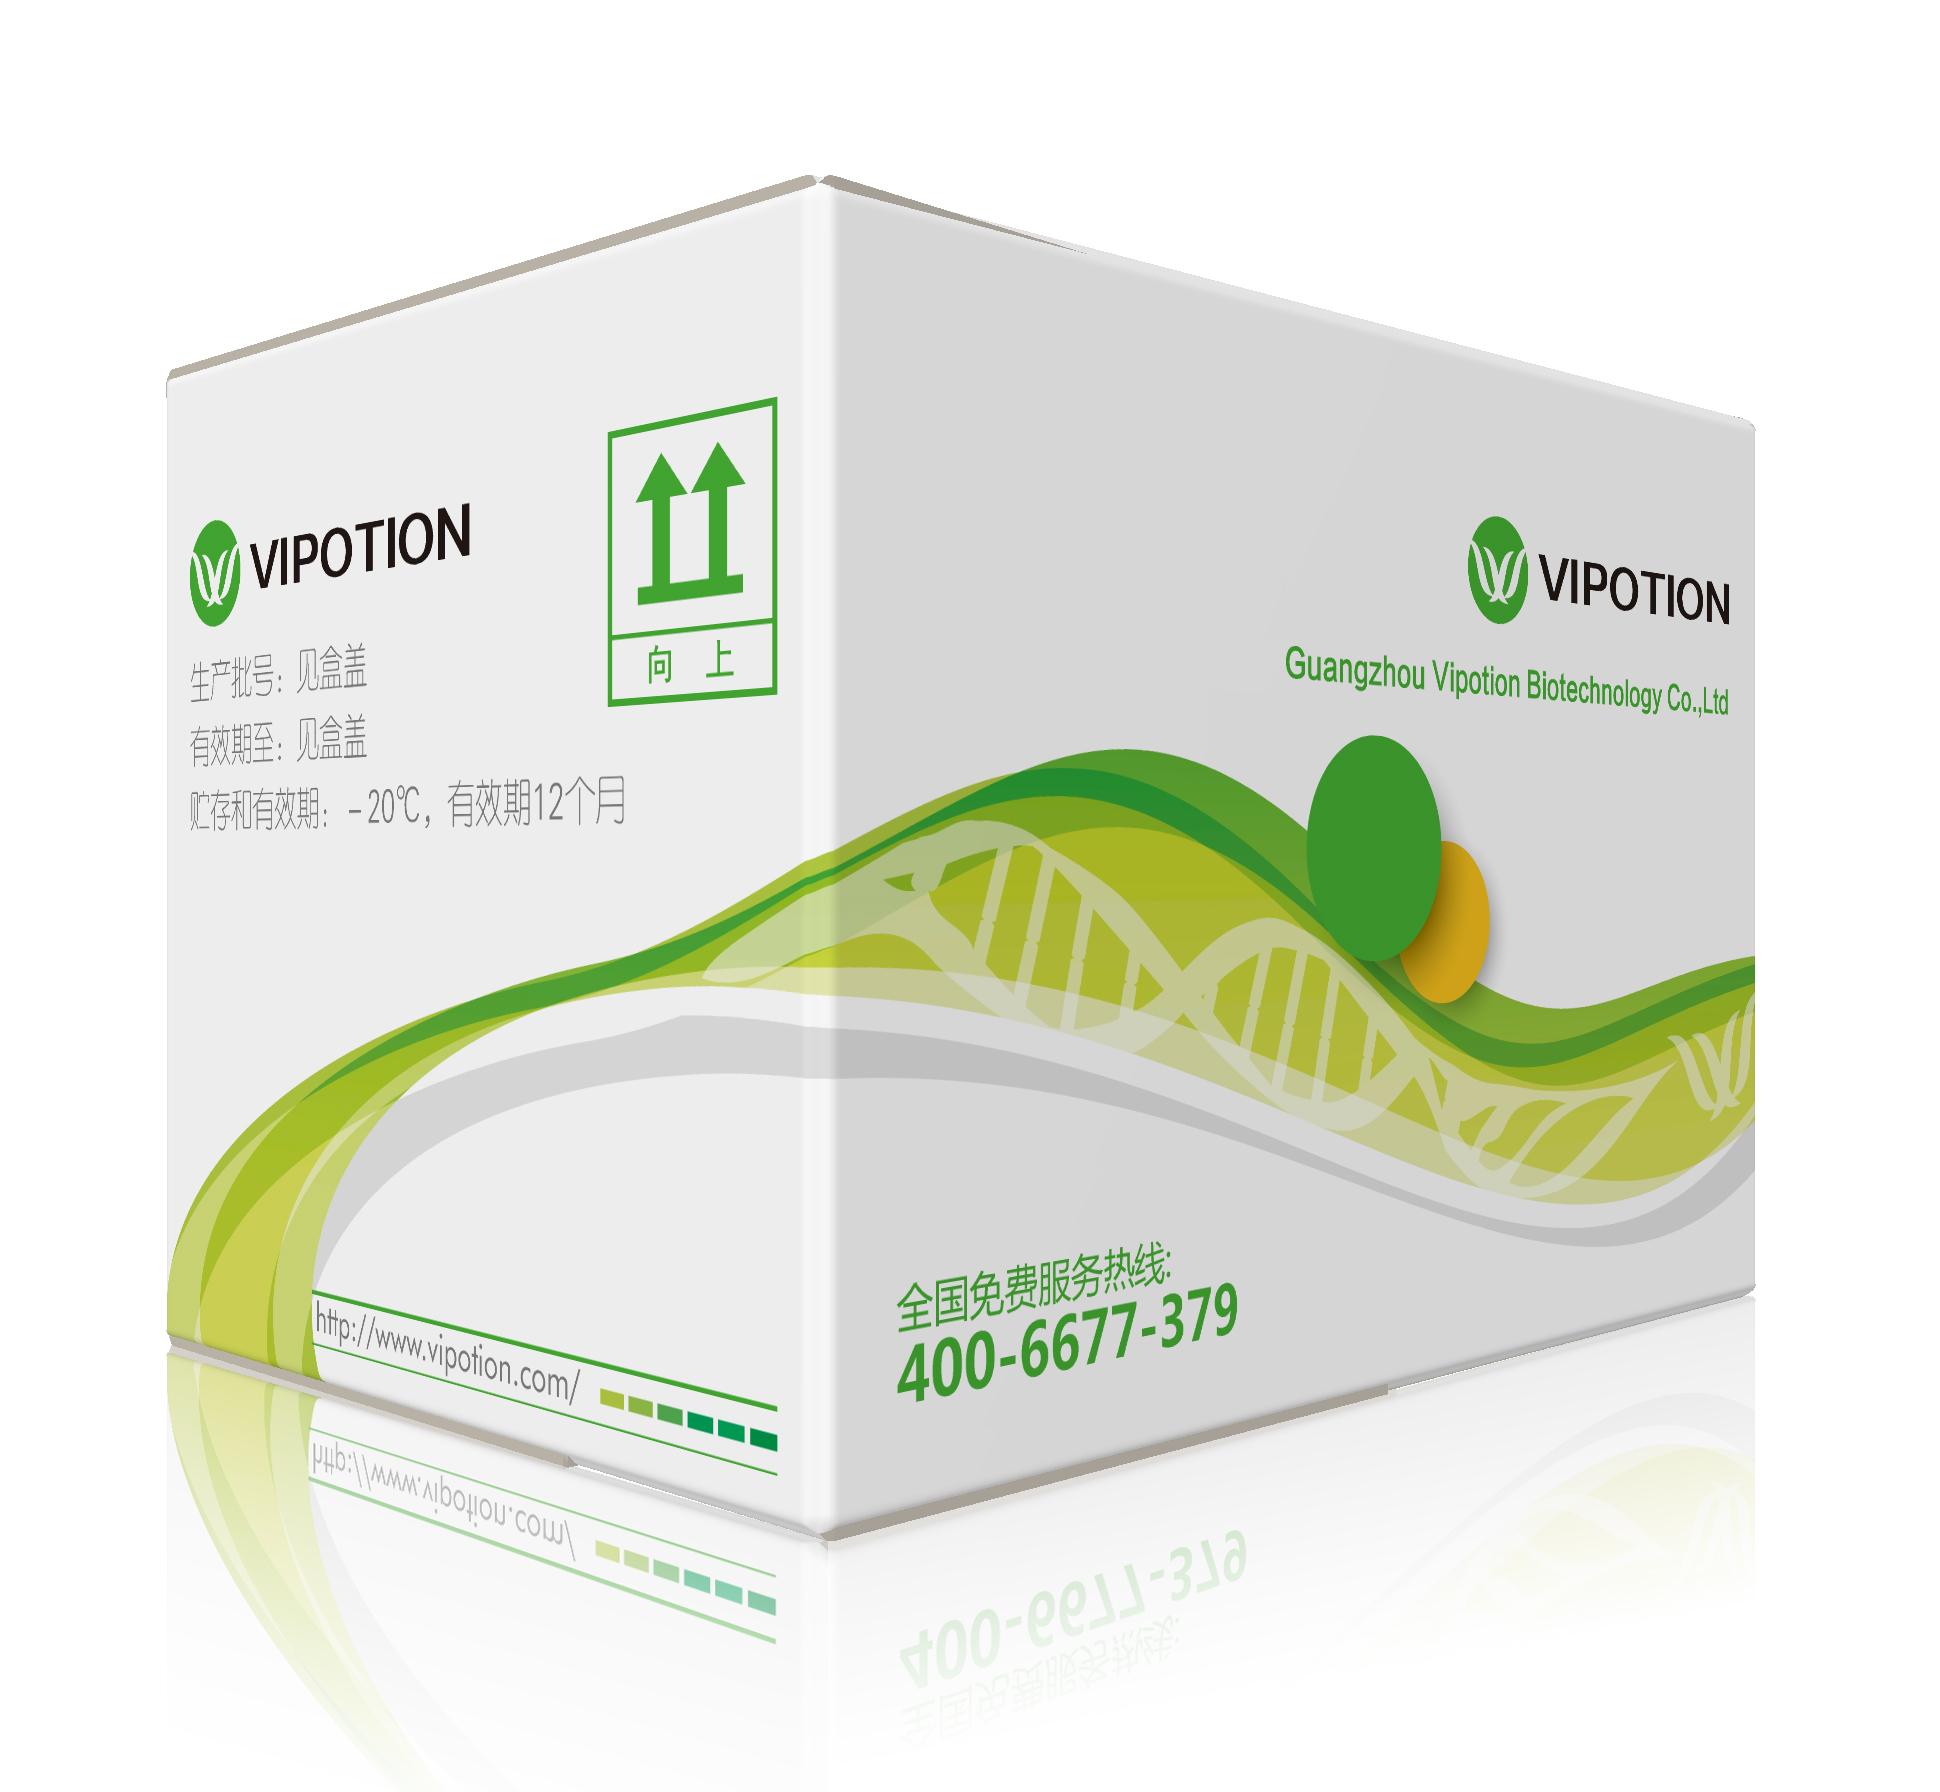 狂犬病毒(RV)核酸检测试剂盒(RT-PCR法)